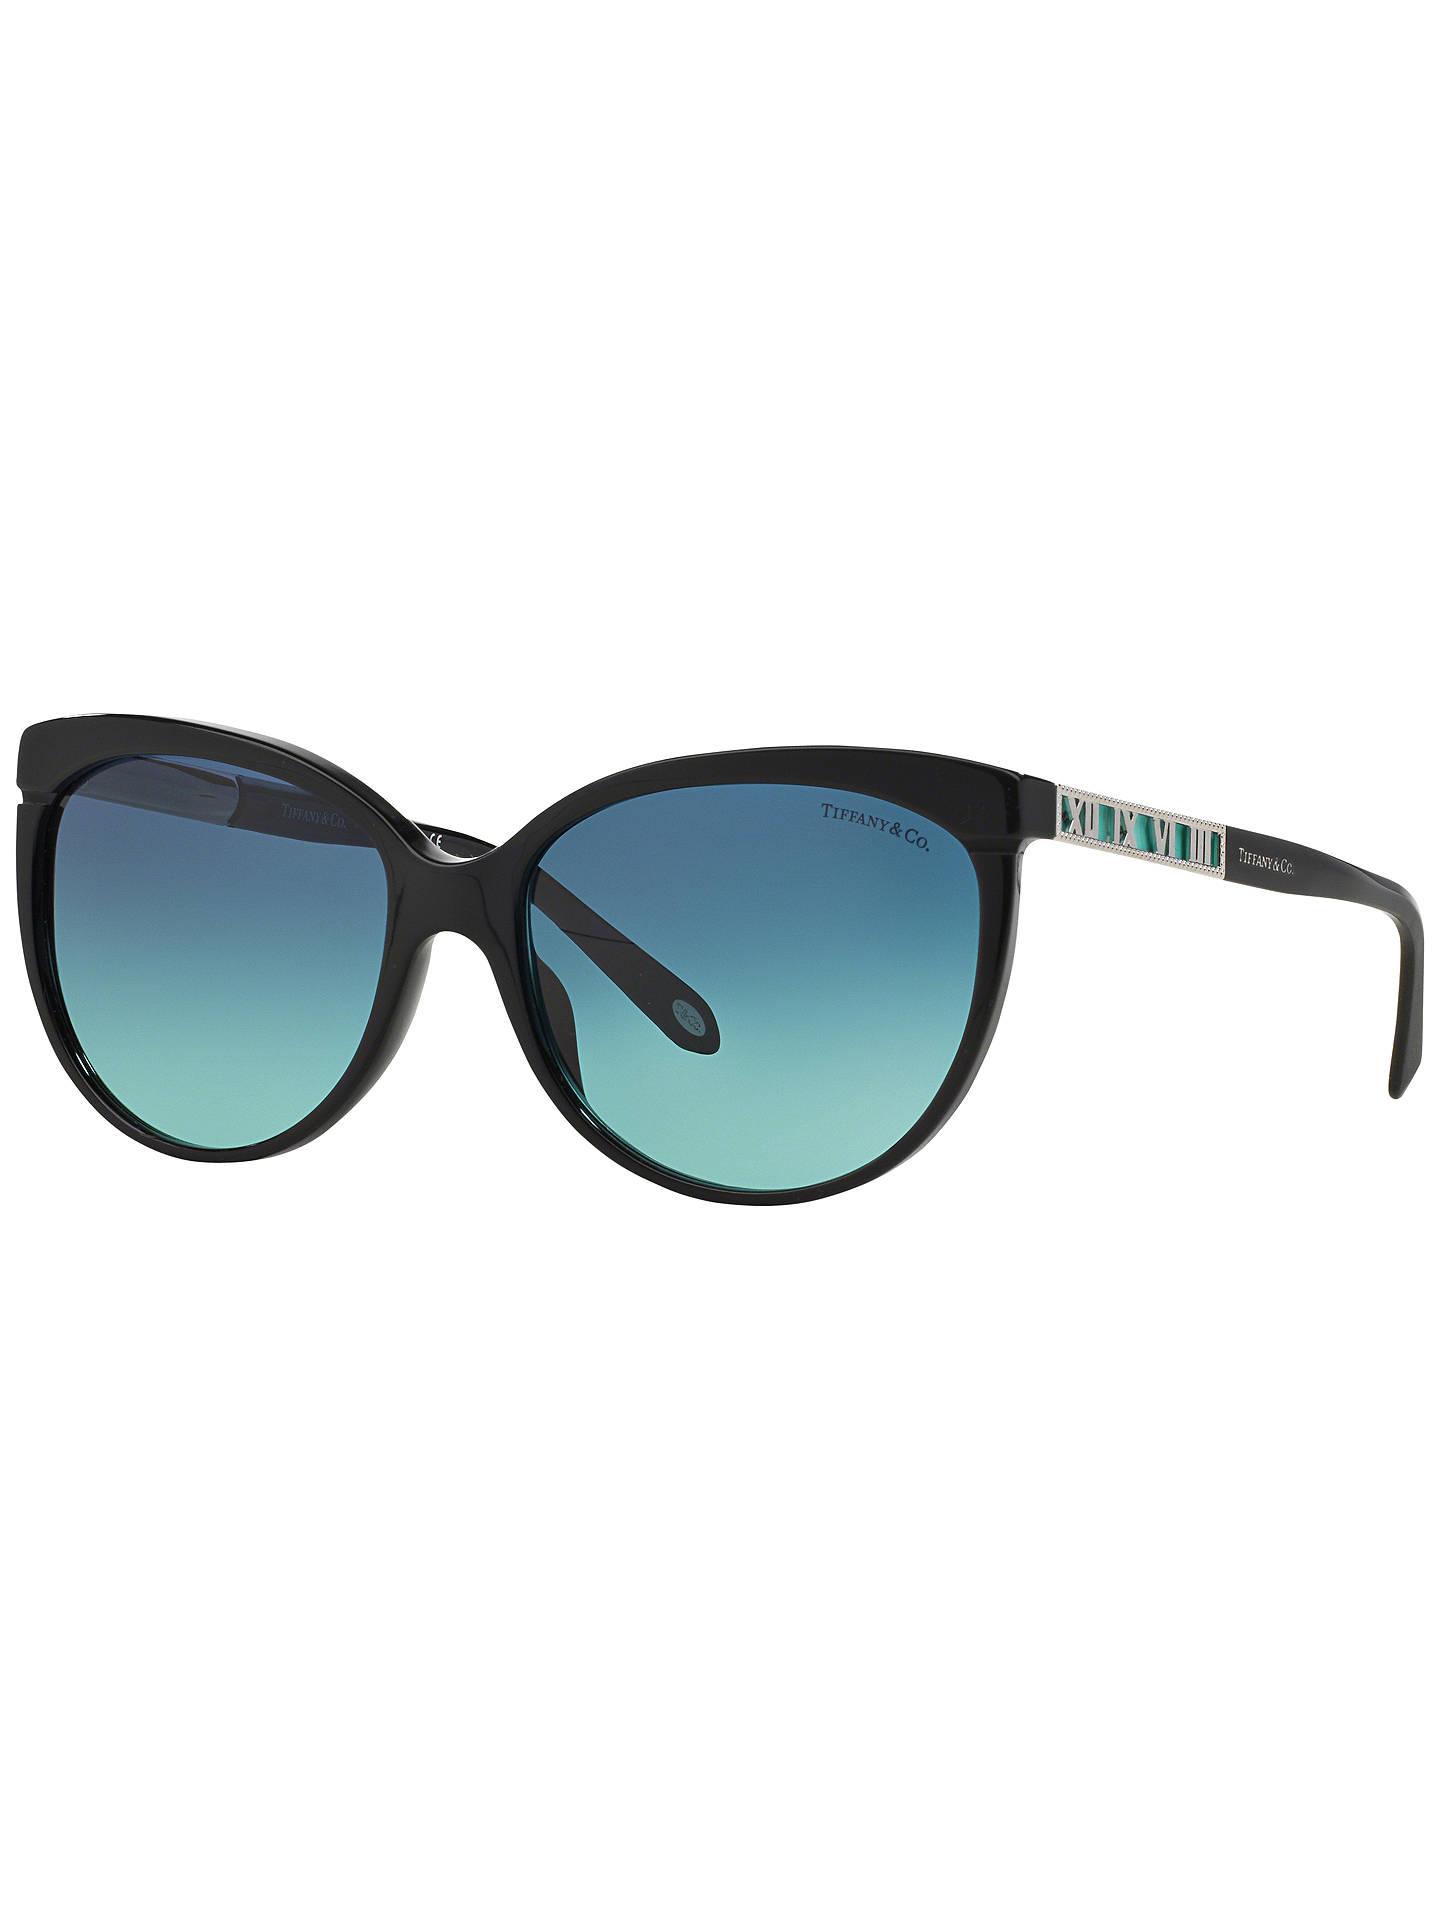 6997ff0489d Buy Tiffany   Co TF4097 Roman Numeral Sunglasses